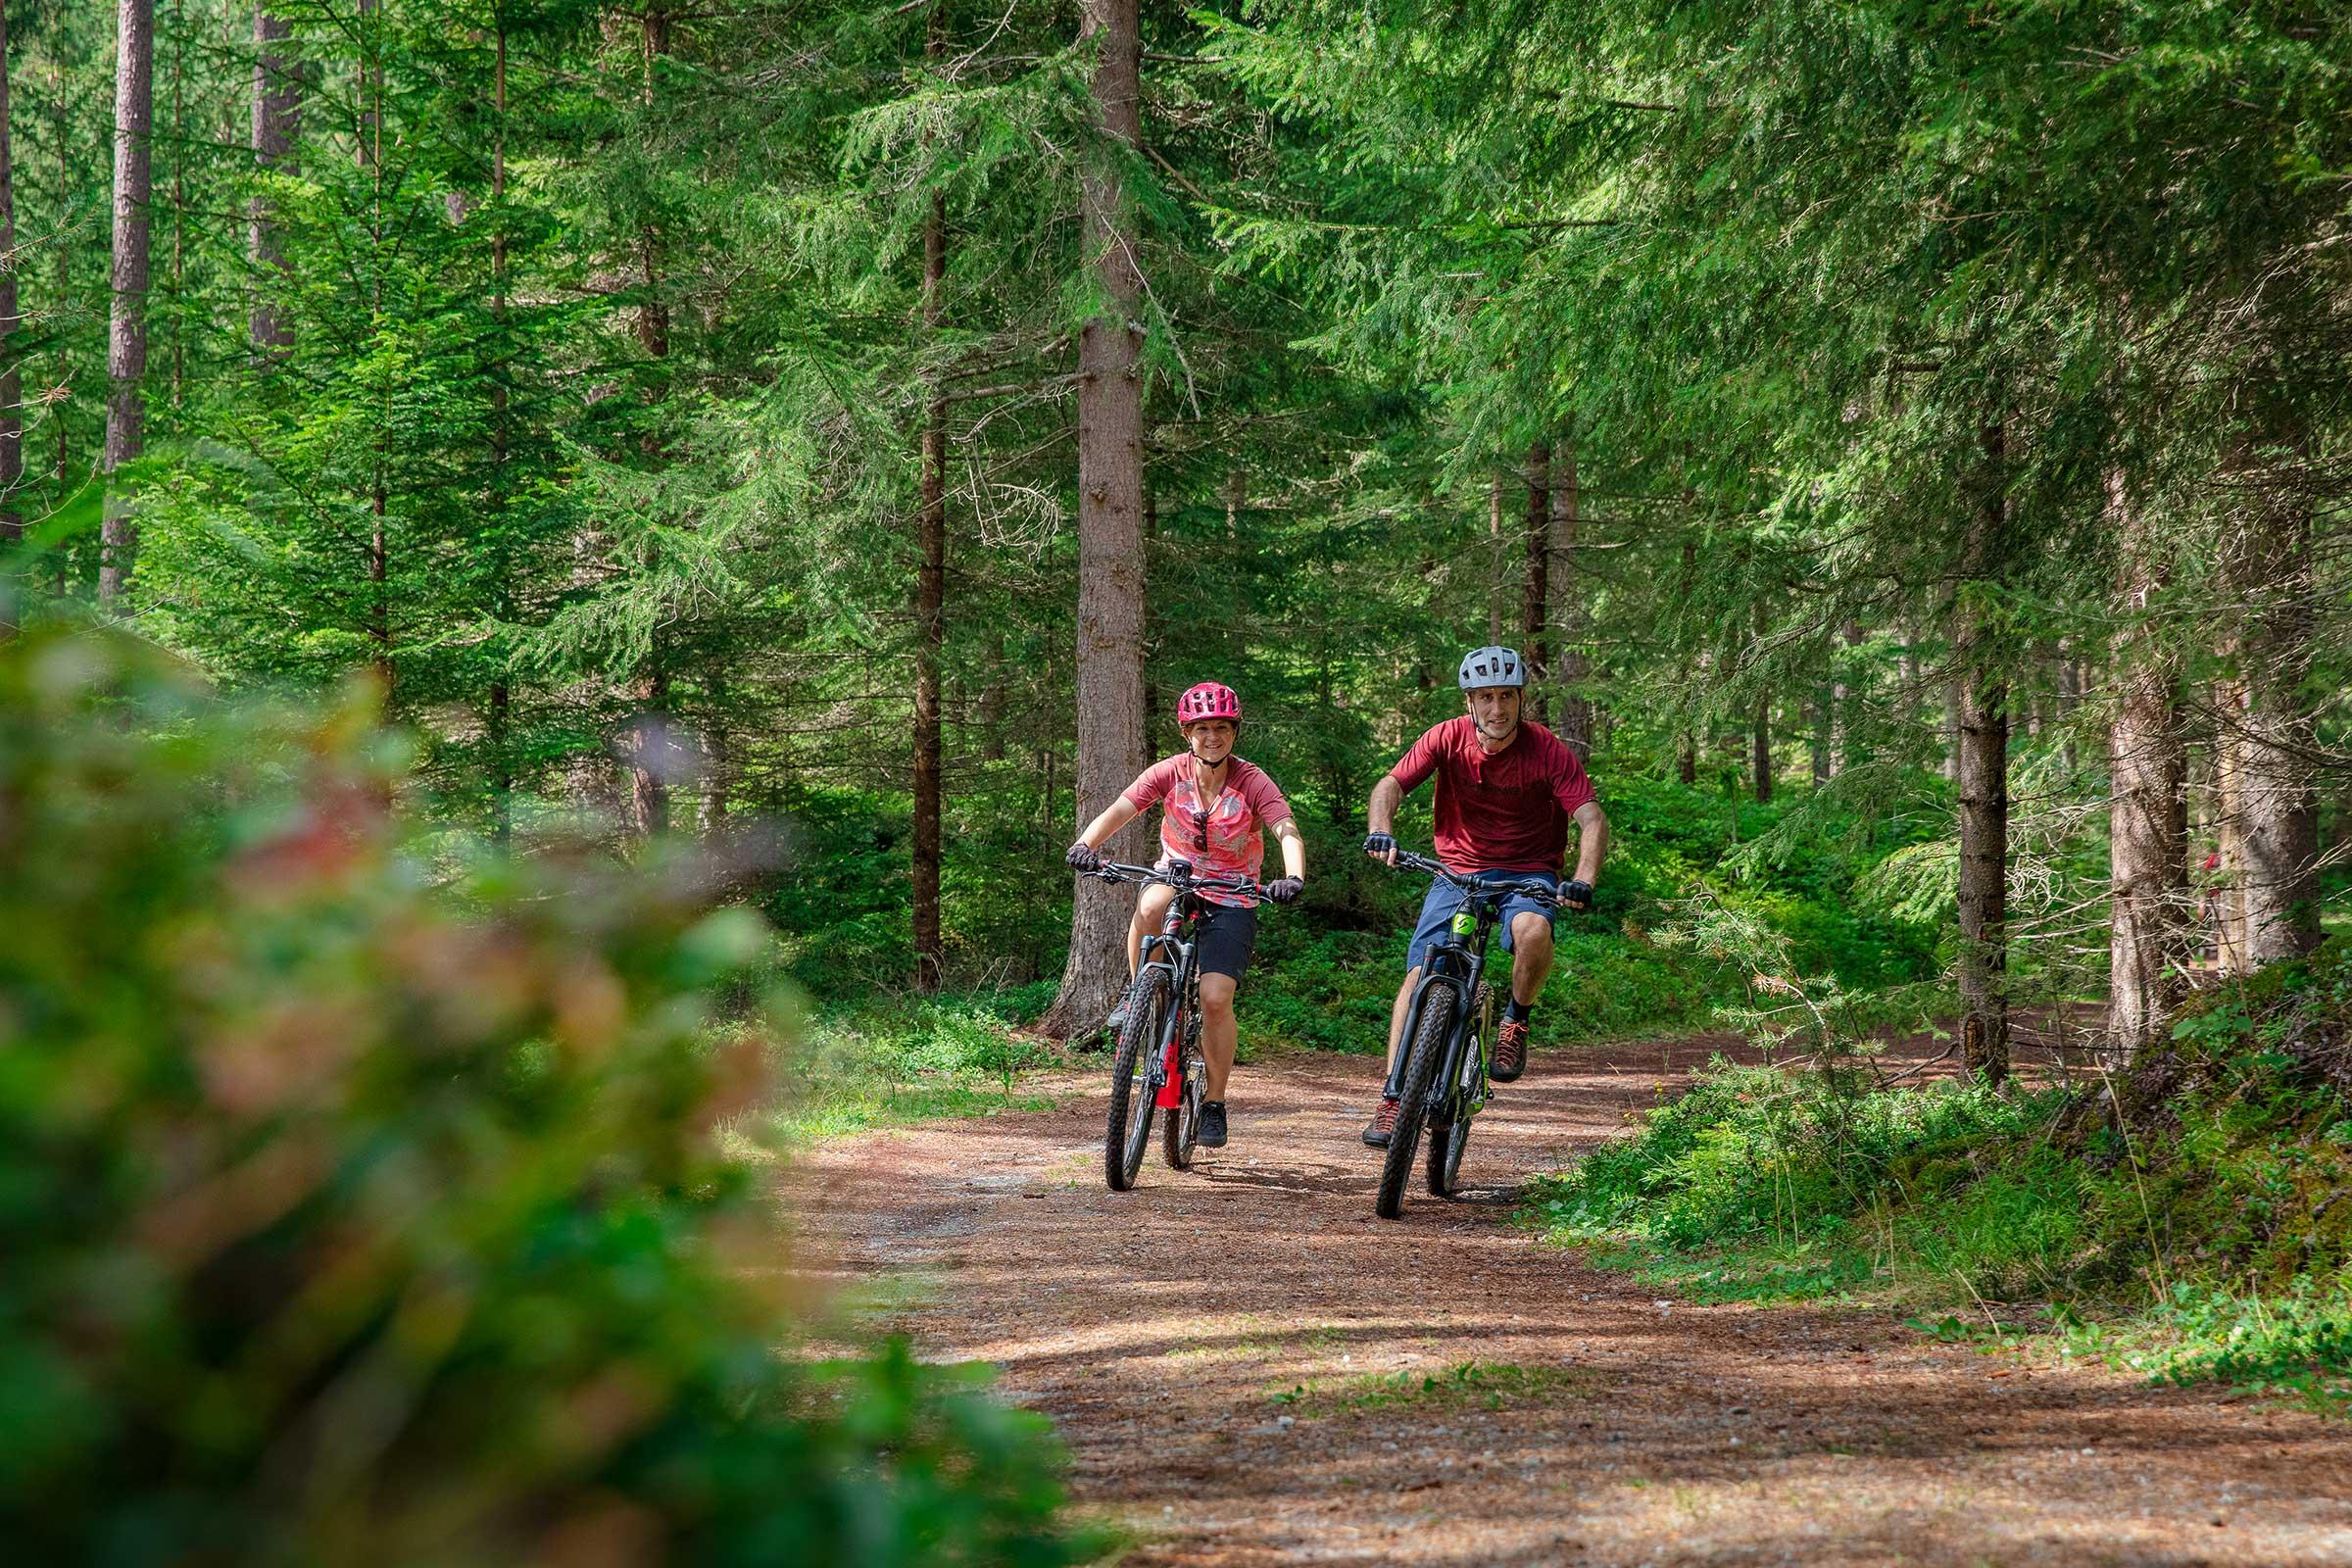 Unterwegs im Wald am Ötztal Radweg - Ötztal Radweg